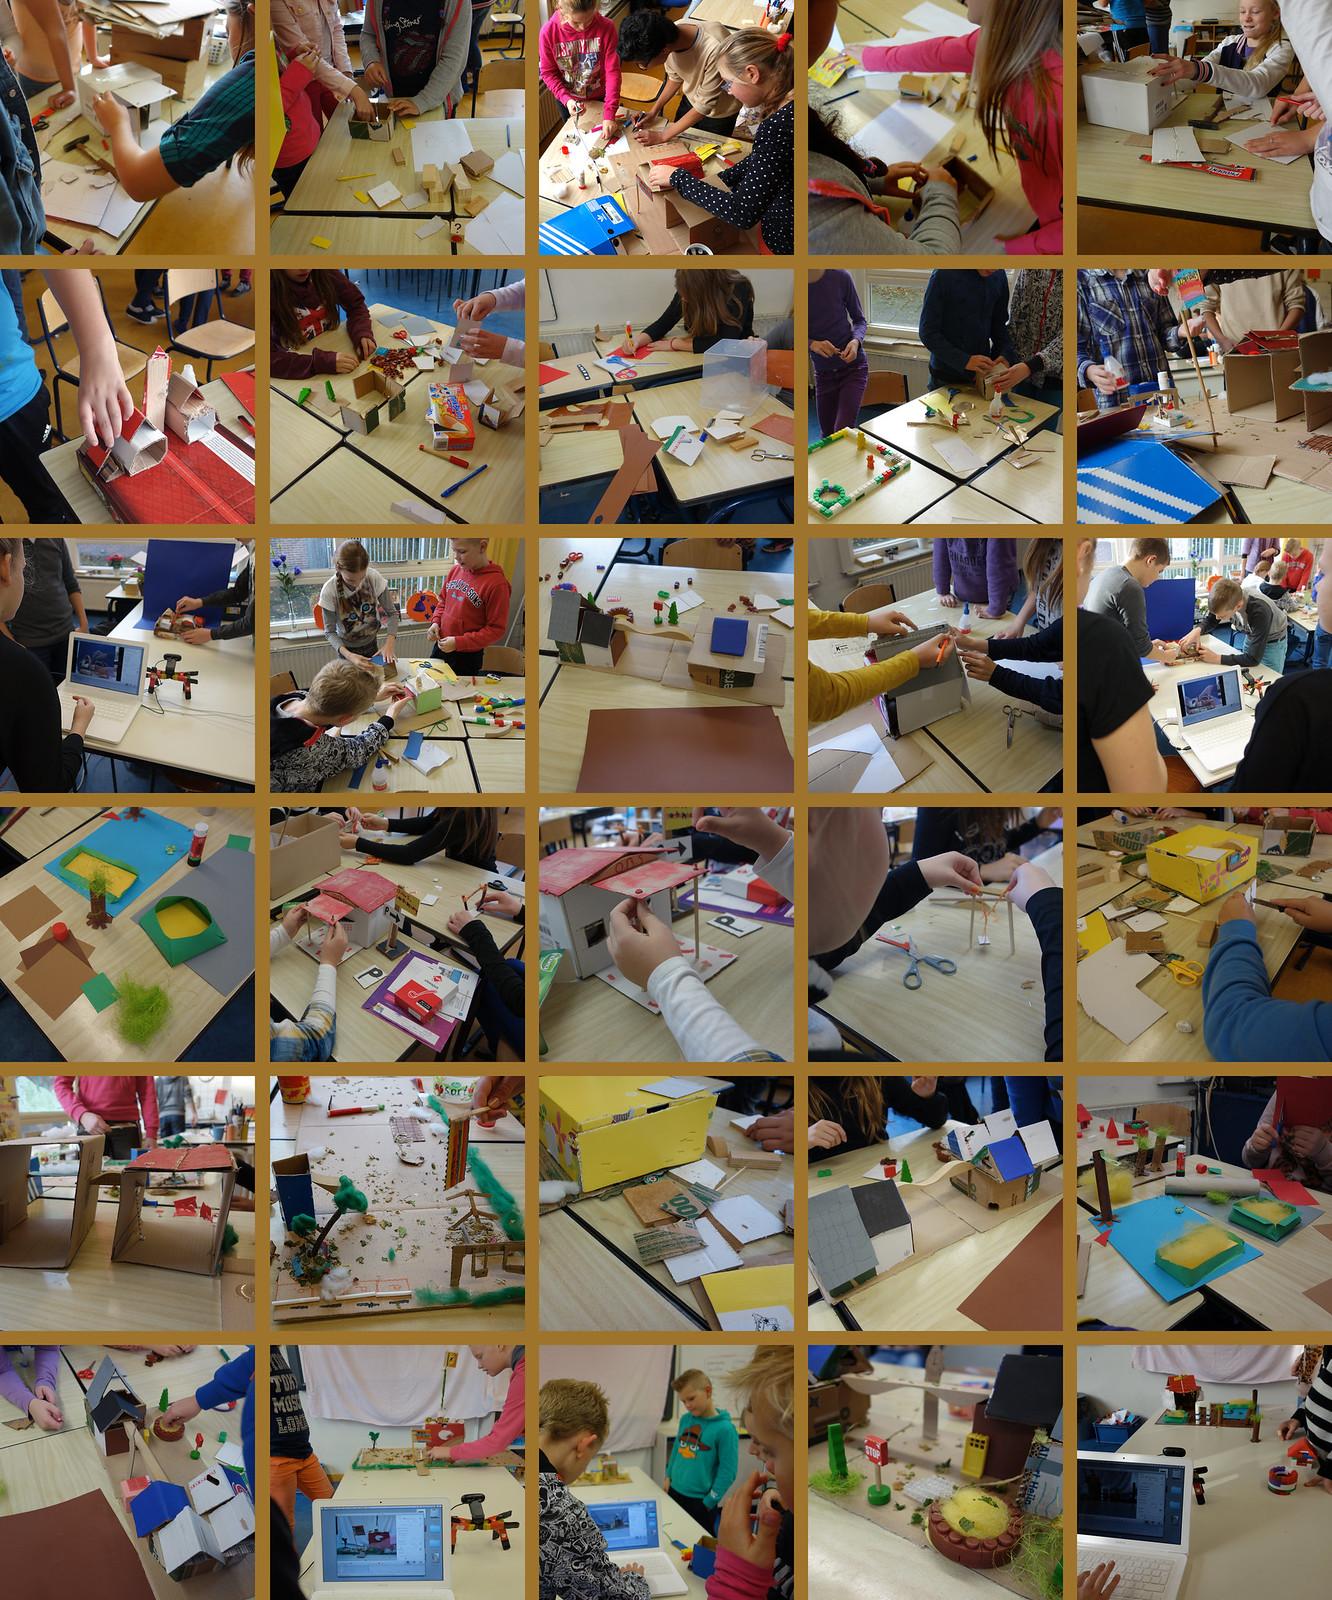 Oostenburg Animeert Nieuwbouw School